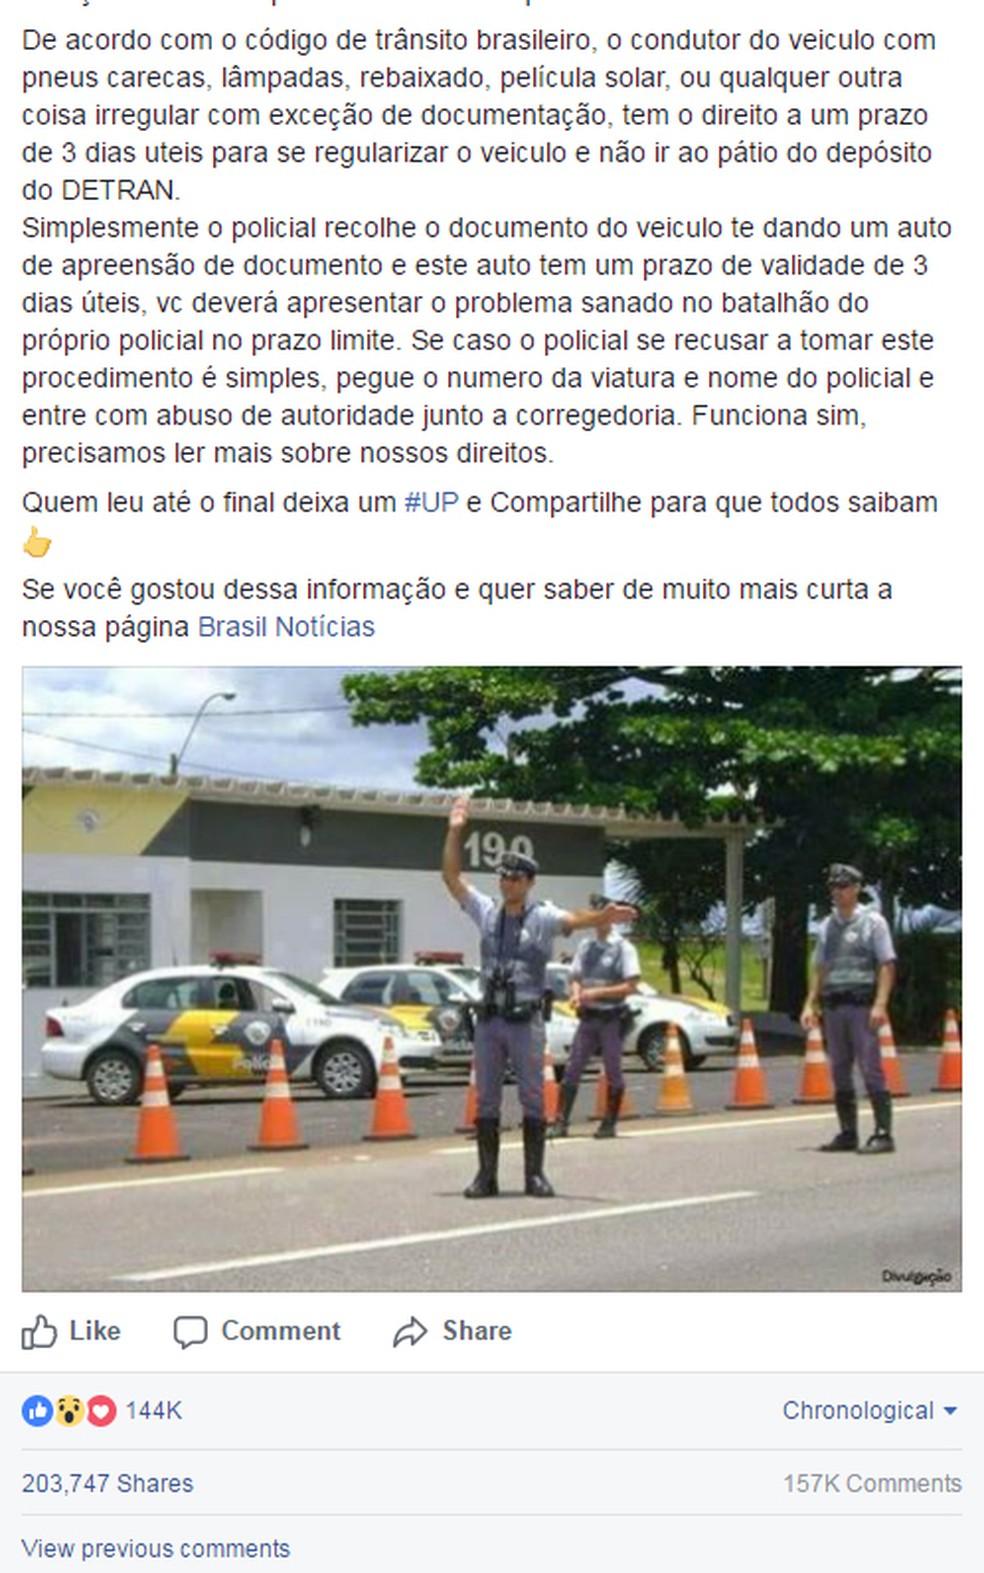 Post sobre apreensão de veículos (Foto: Reprodução/ Facebook)